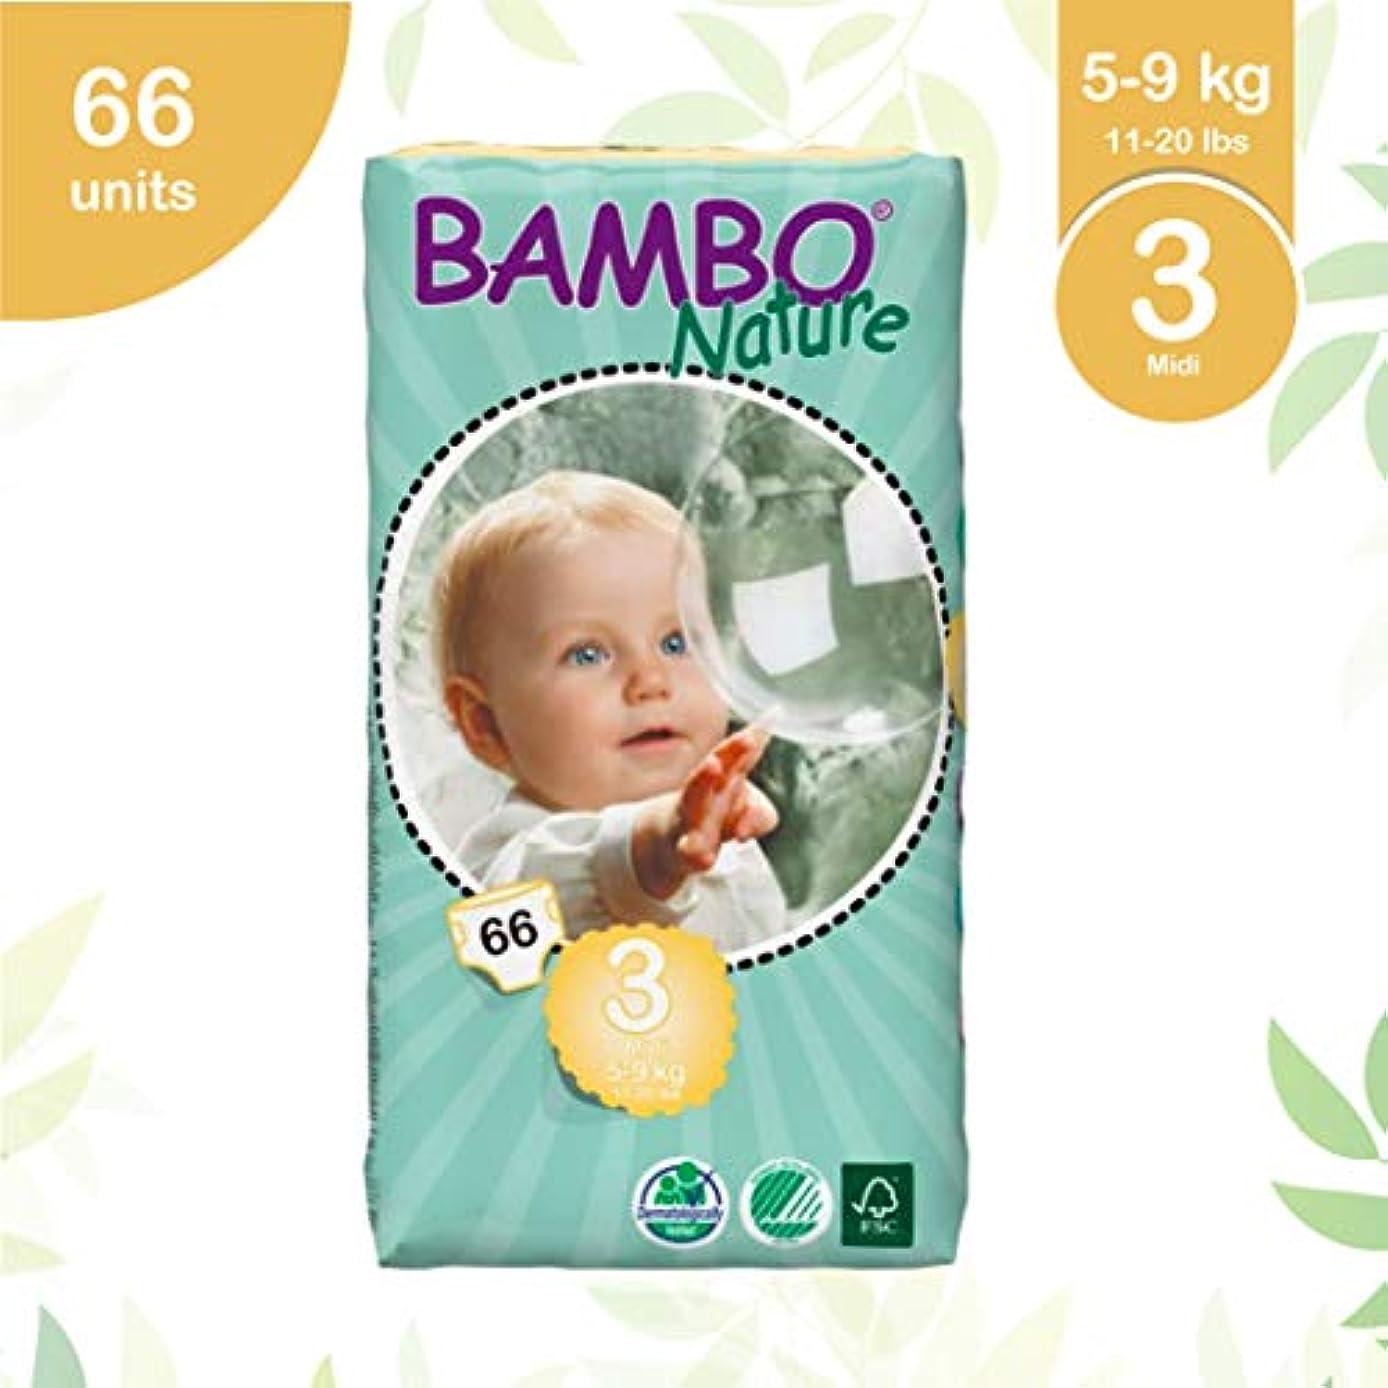 ラフ湿原責任者BAMBO Nature プレミアム紙おむつ ミディ 3号 テープ トール 66枚入り